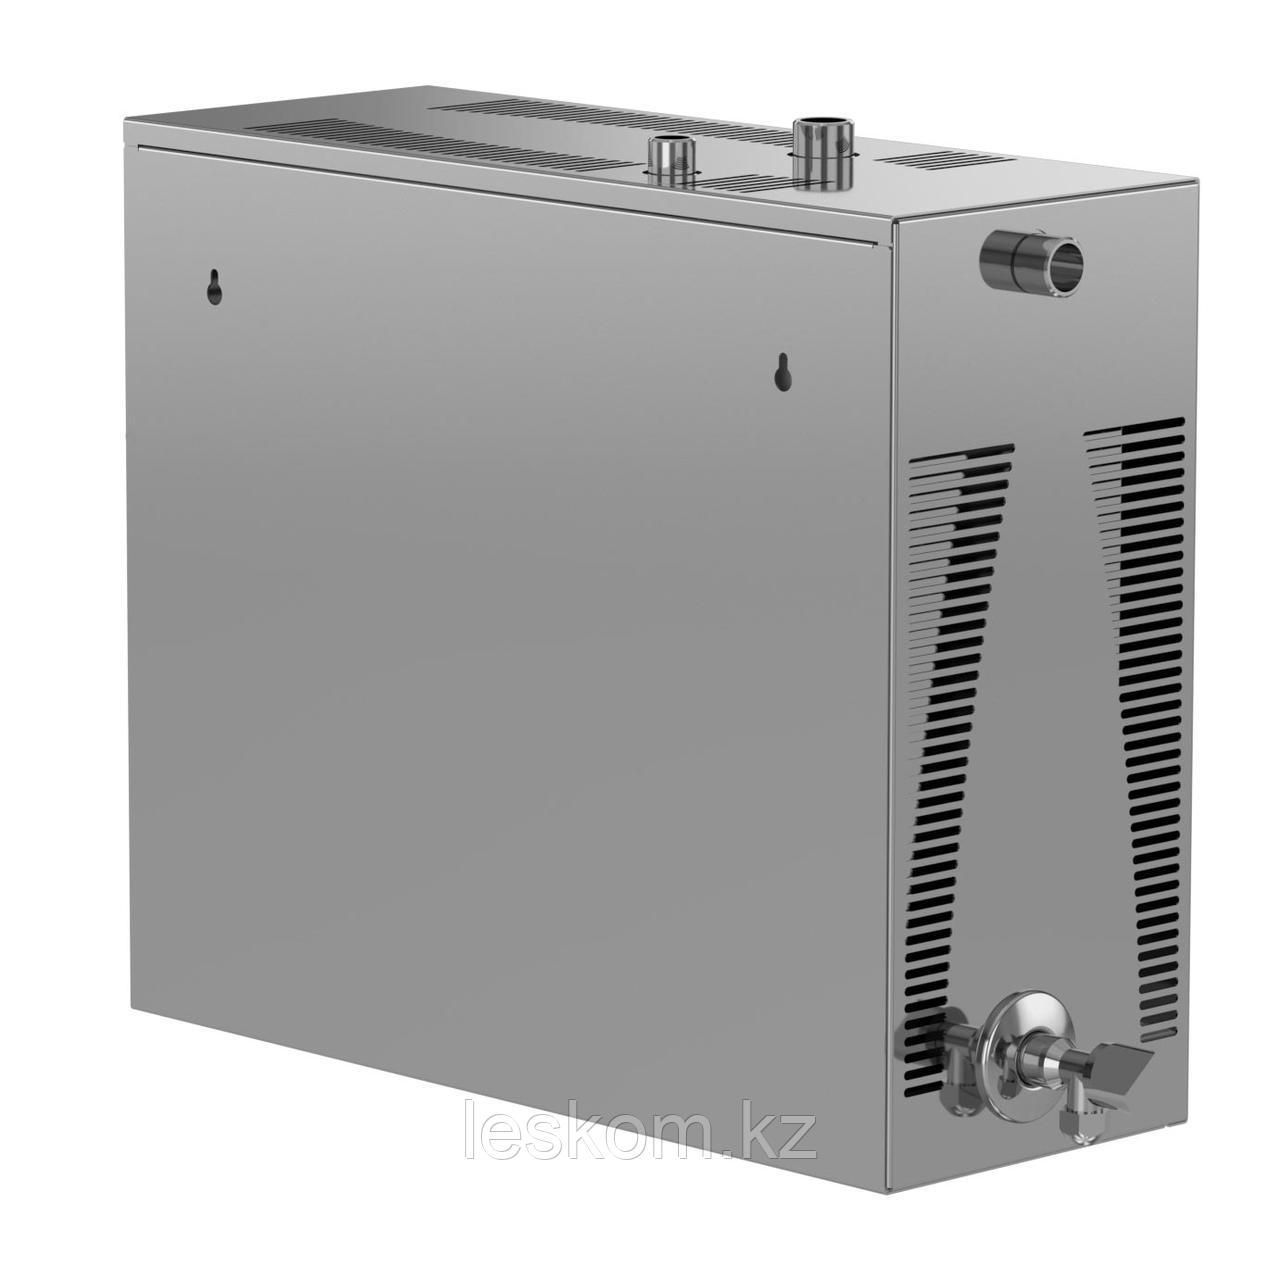 Парогенератор проточный, 6 кВт